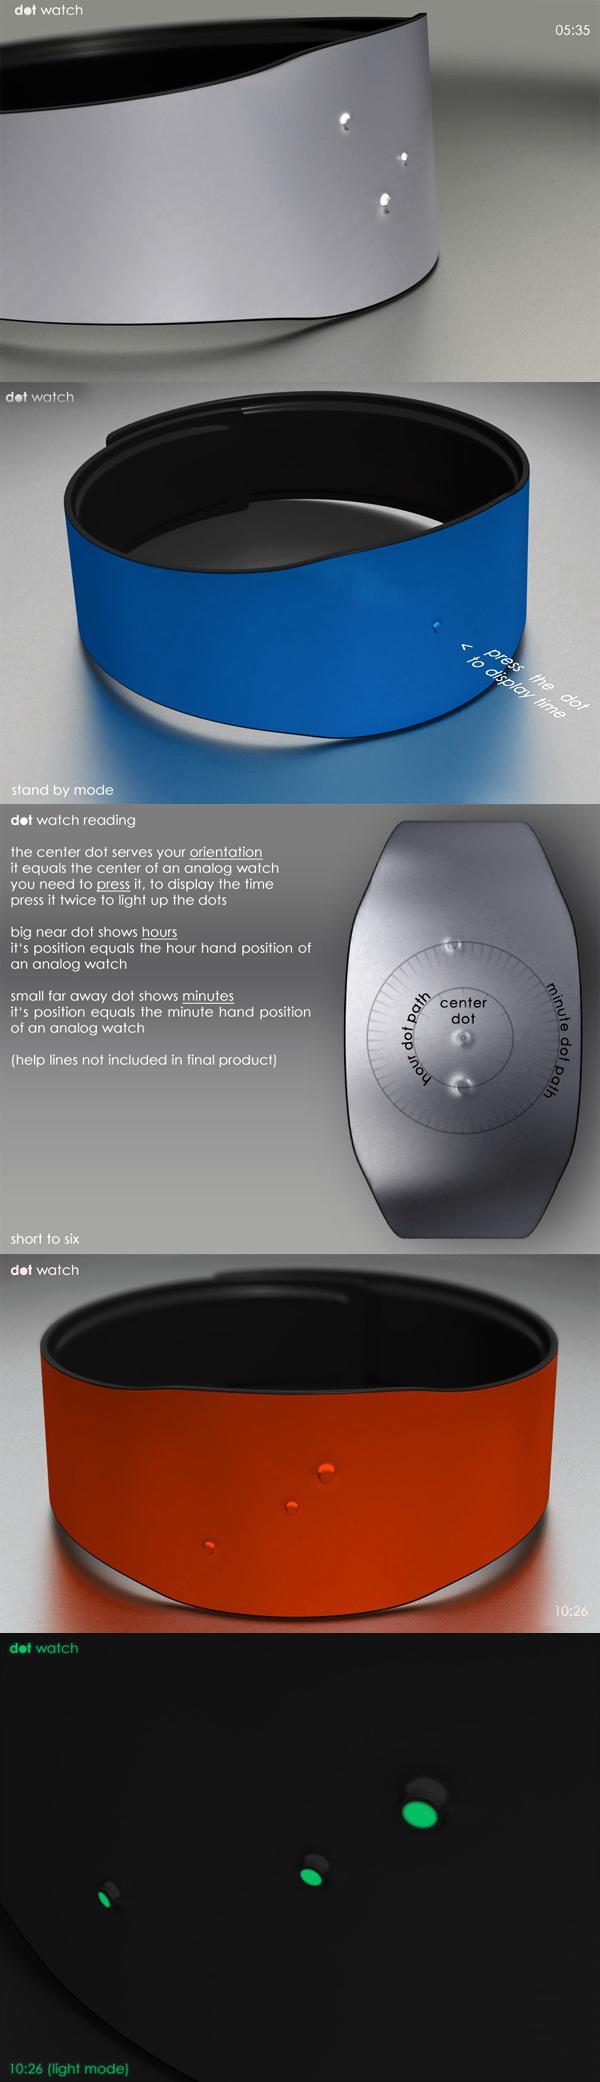 Наручные часы с минимальным дизайном